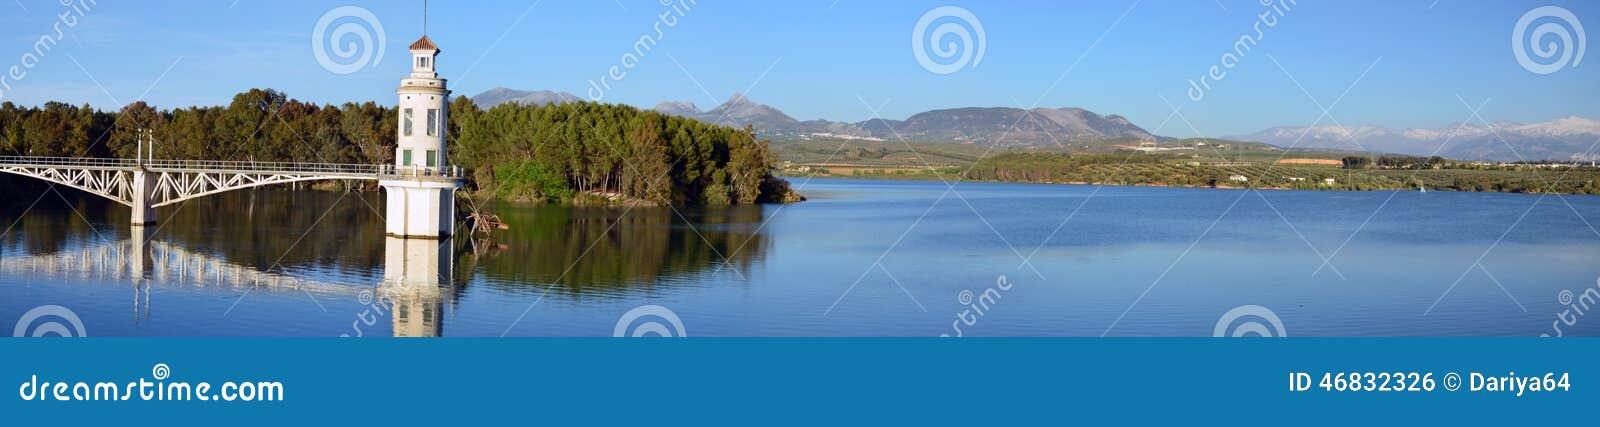 Panorama do reservatório de Cubillas no ptovance de Granada dentro e